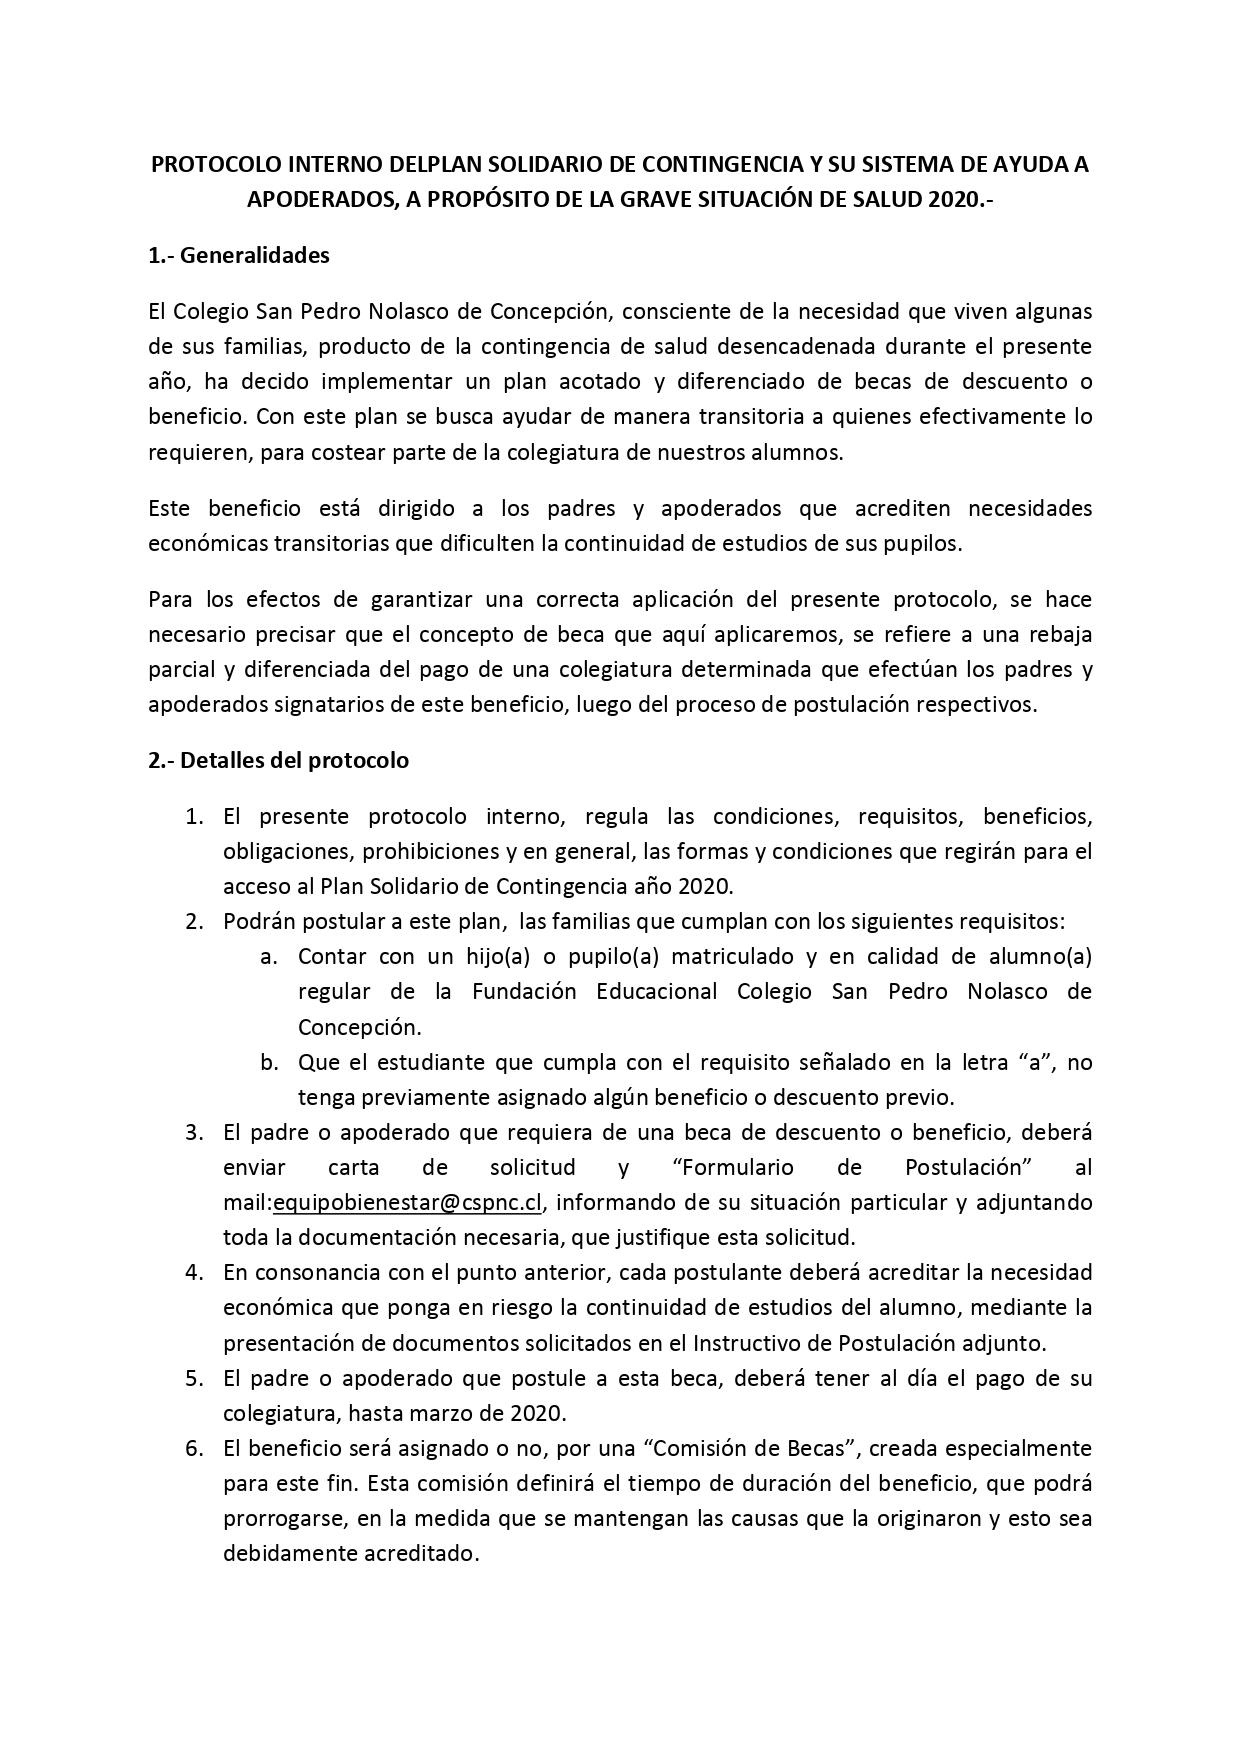 RESPUESTA RECTORA_4